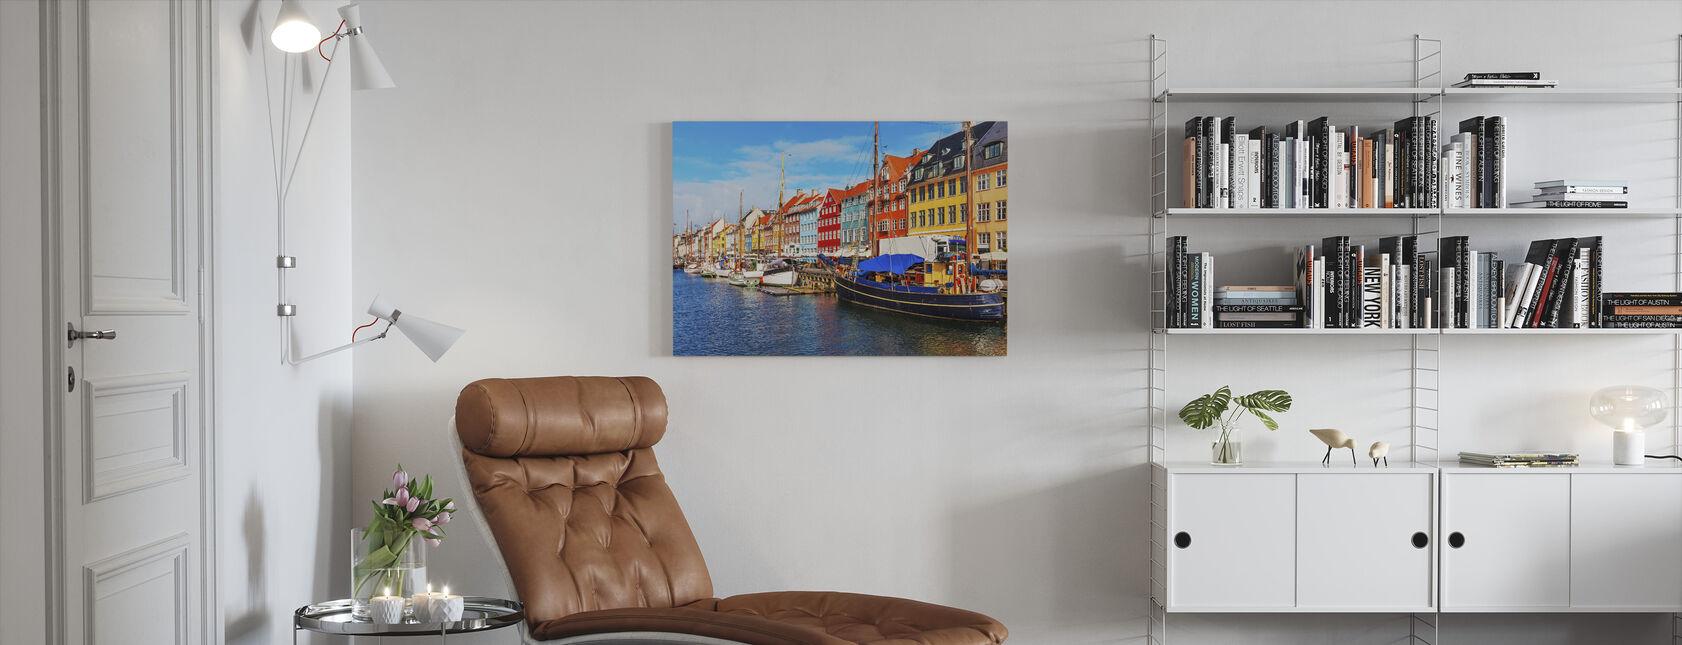 Sommerudsigt over Nyhavn molen - Billede på lærred - Stue